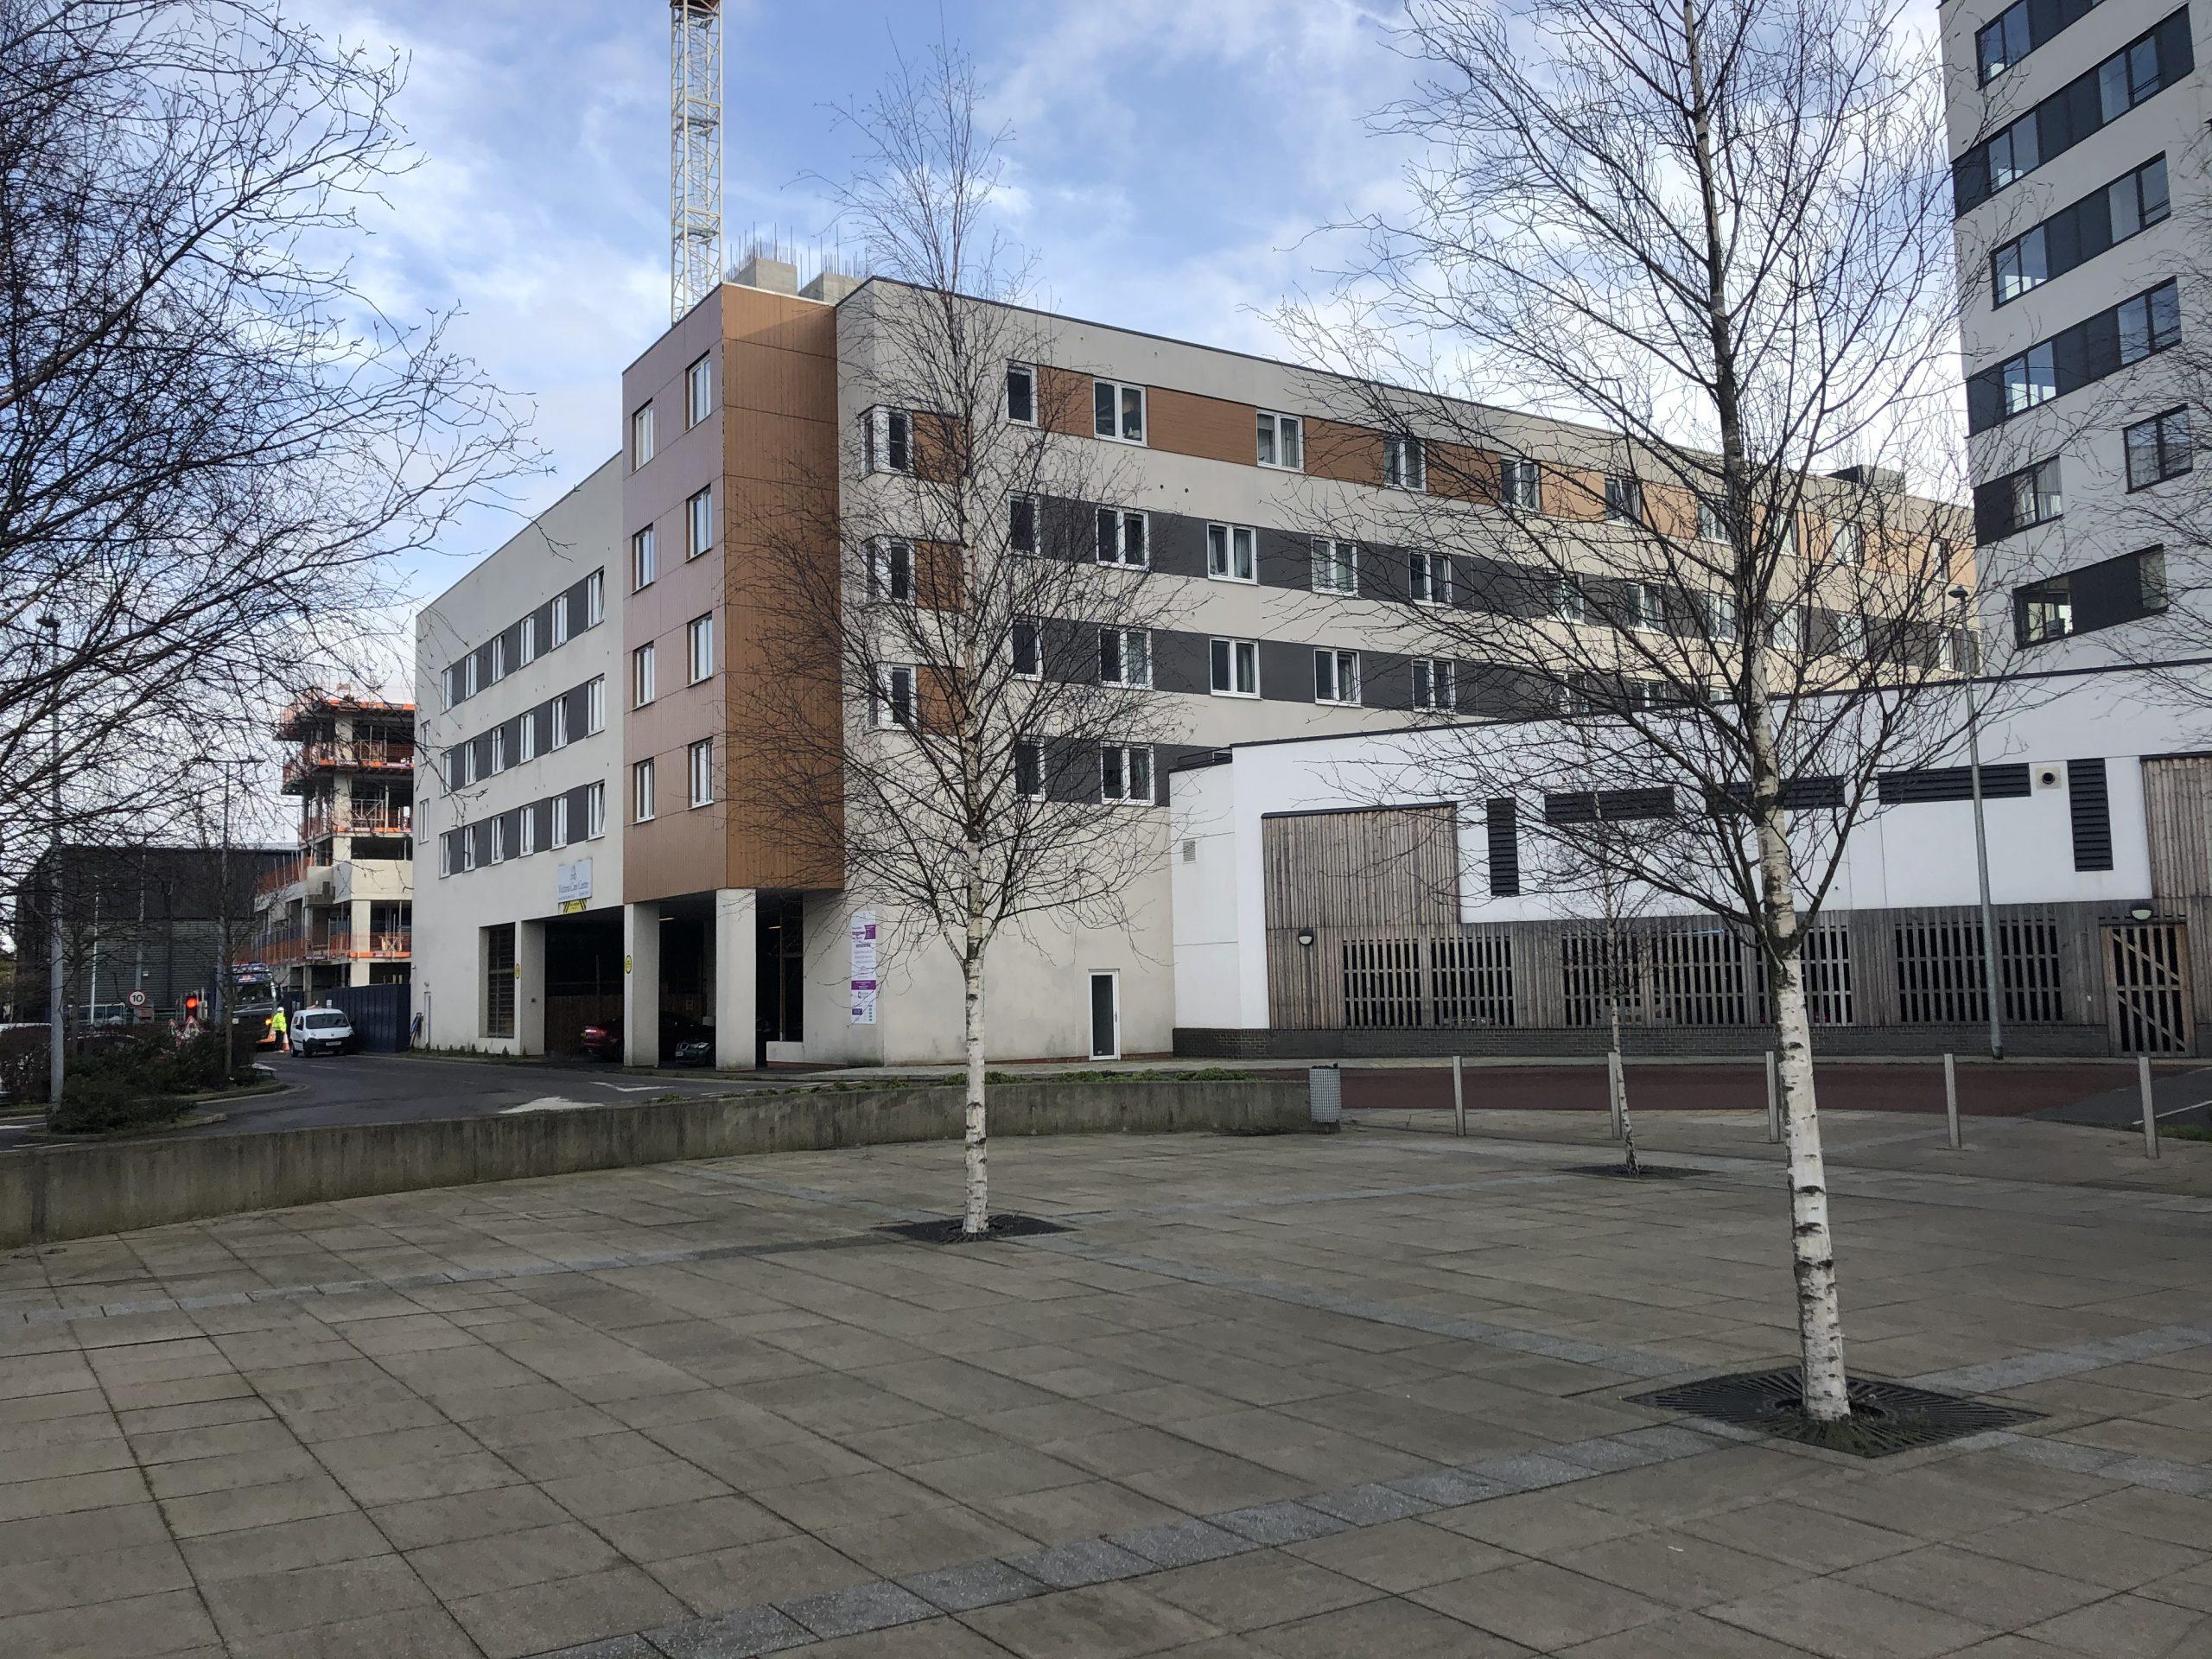 Victoria Care Centre